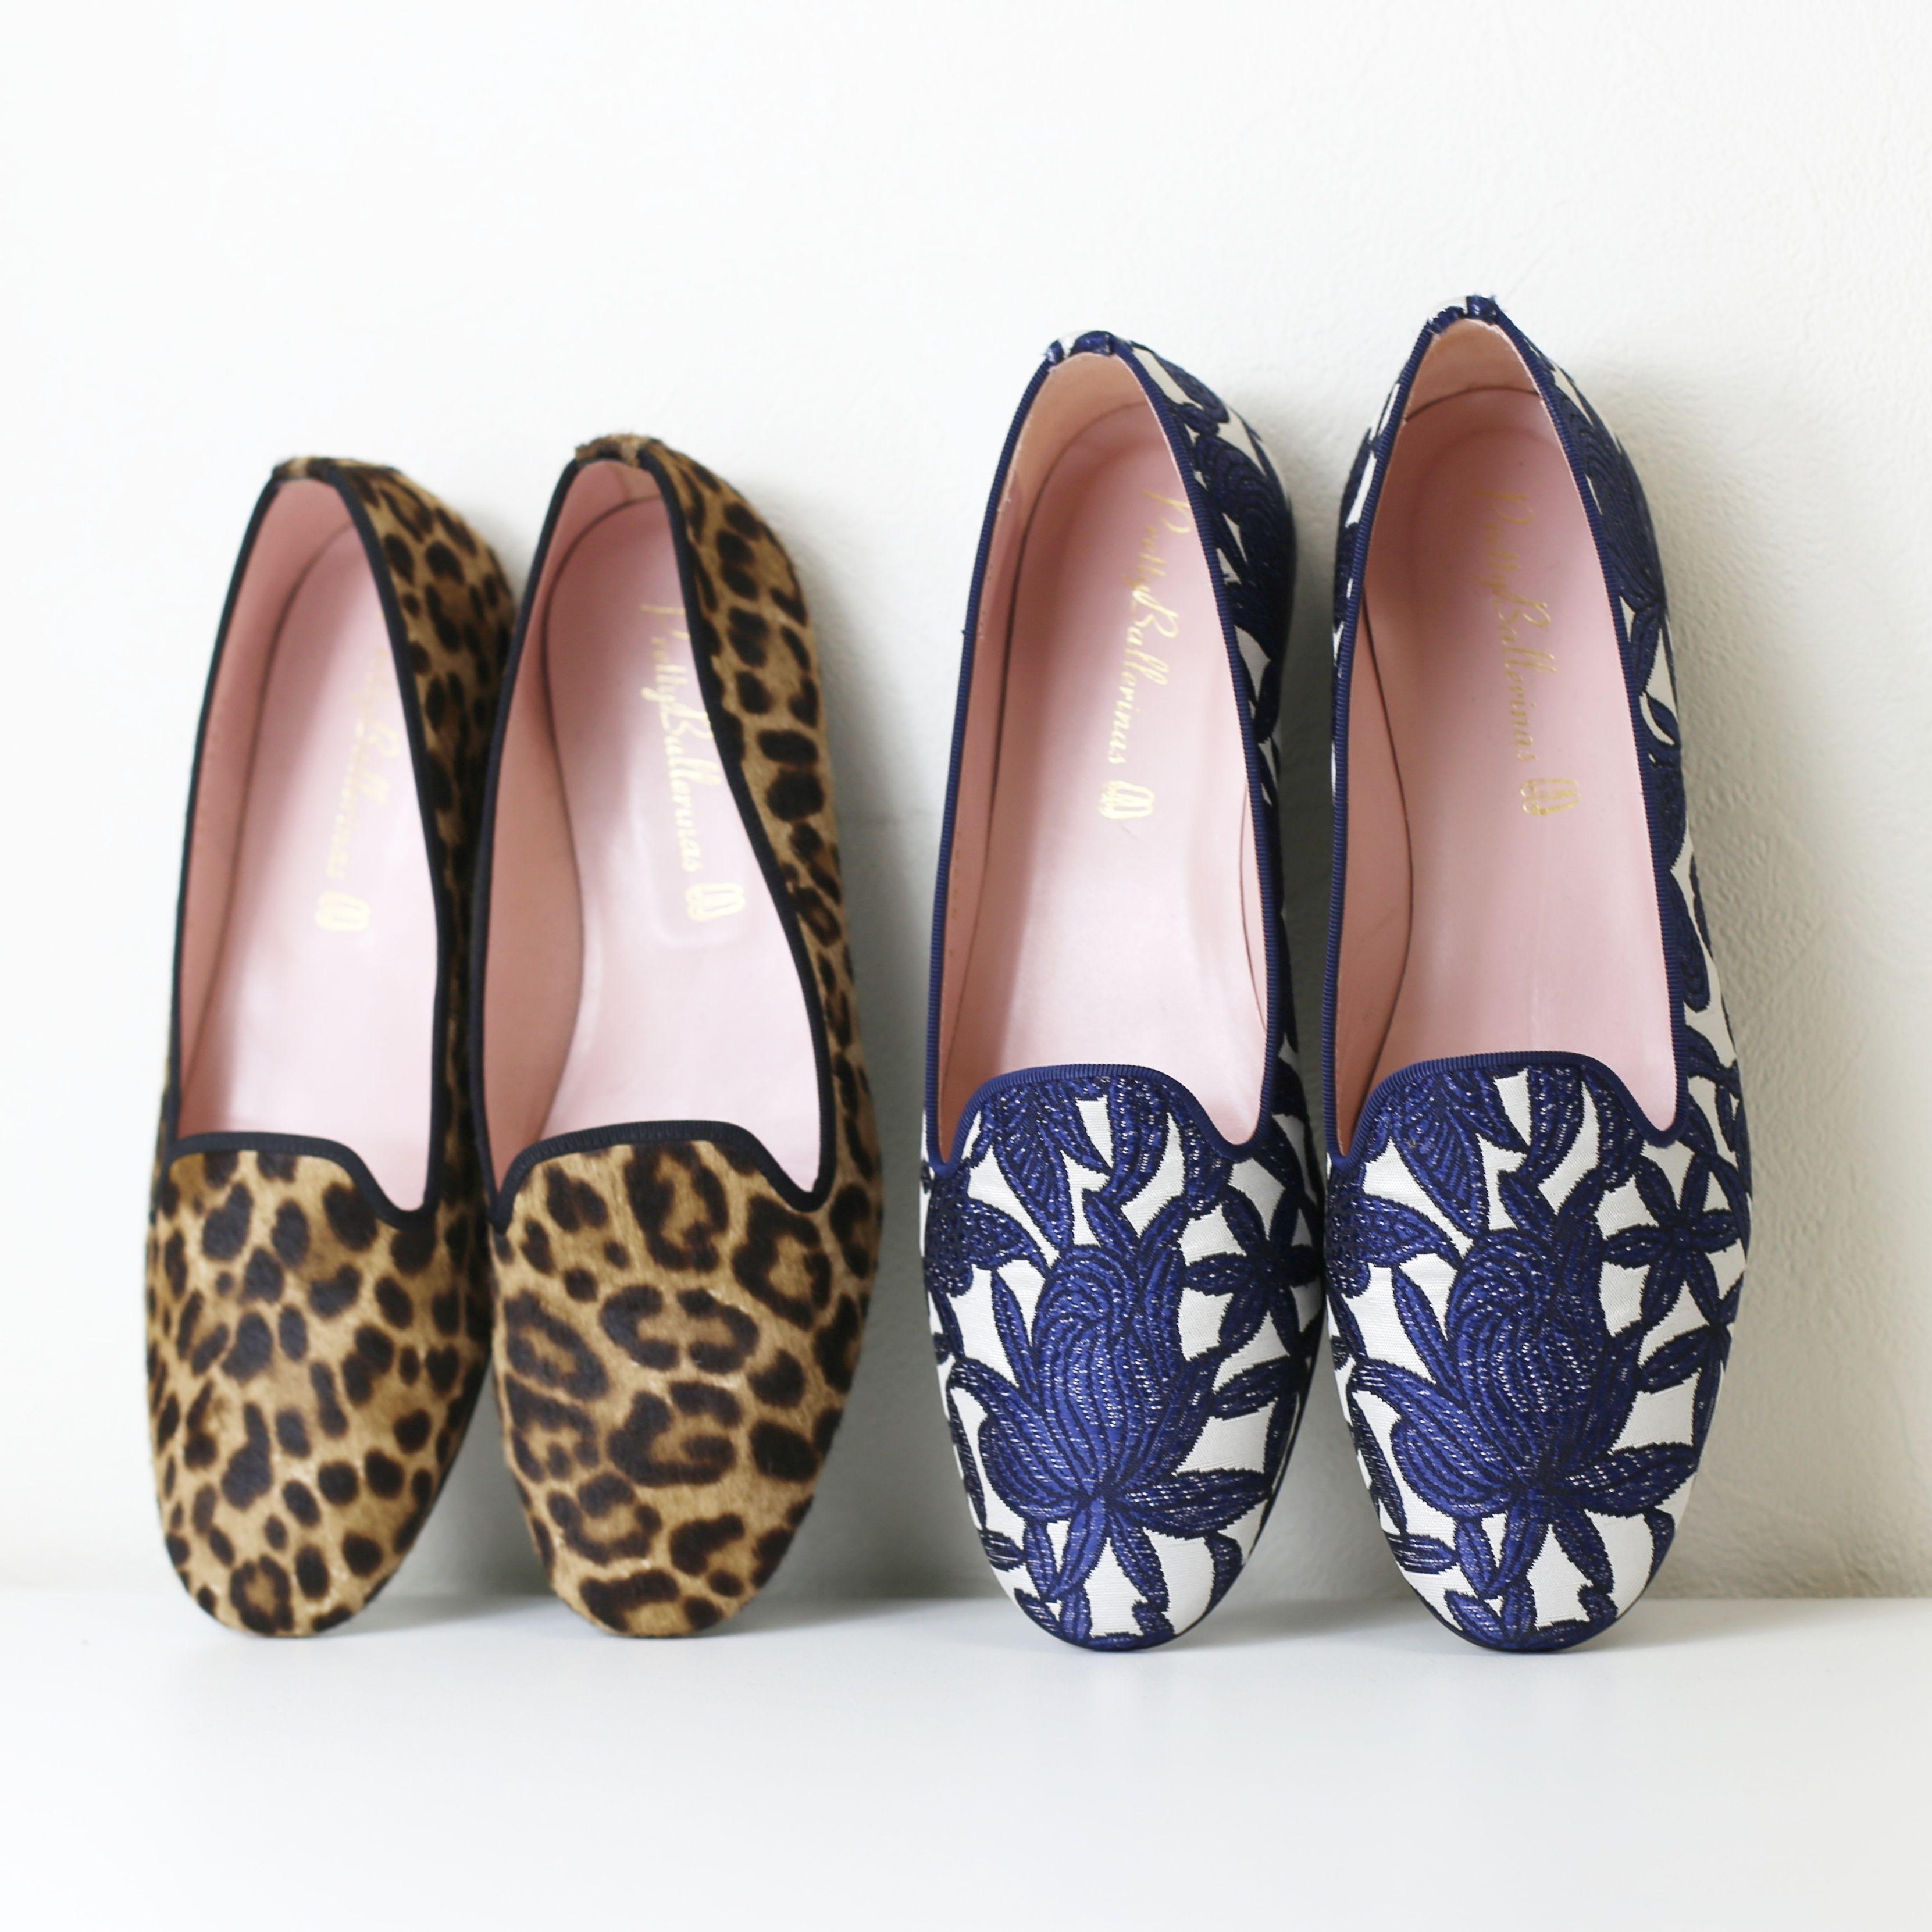 cb487149a45e2a L:FAYE wildleopard short R:FAYE embroidery prettyballerinas....   prettyballerinas